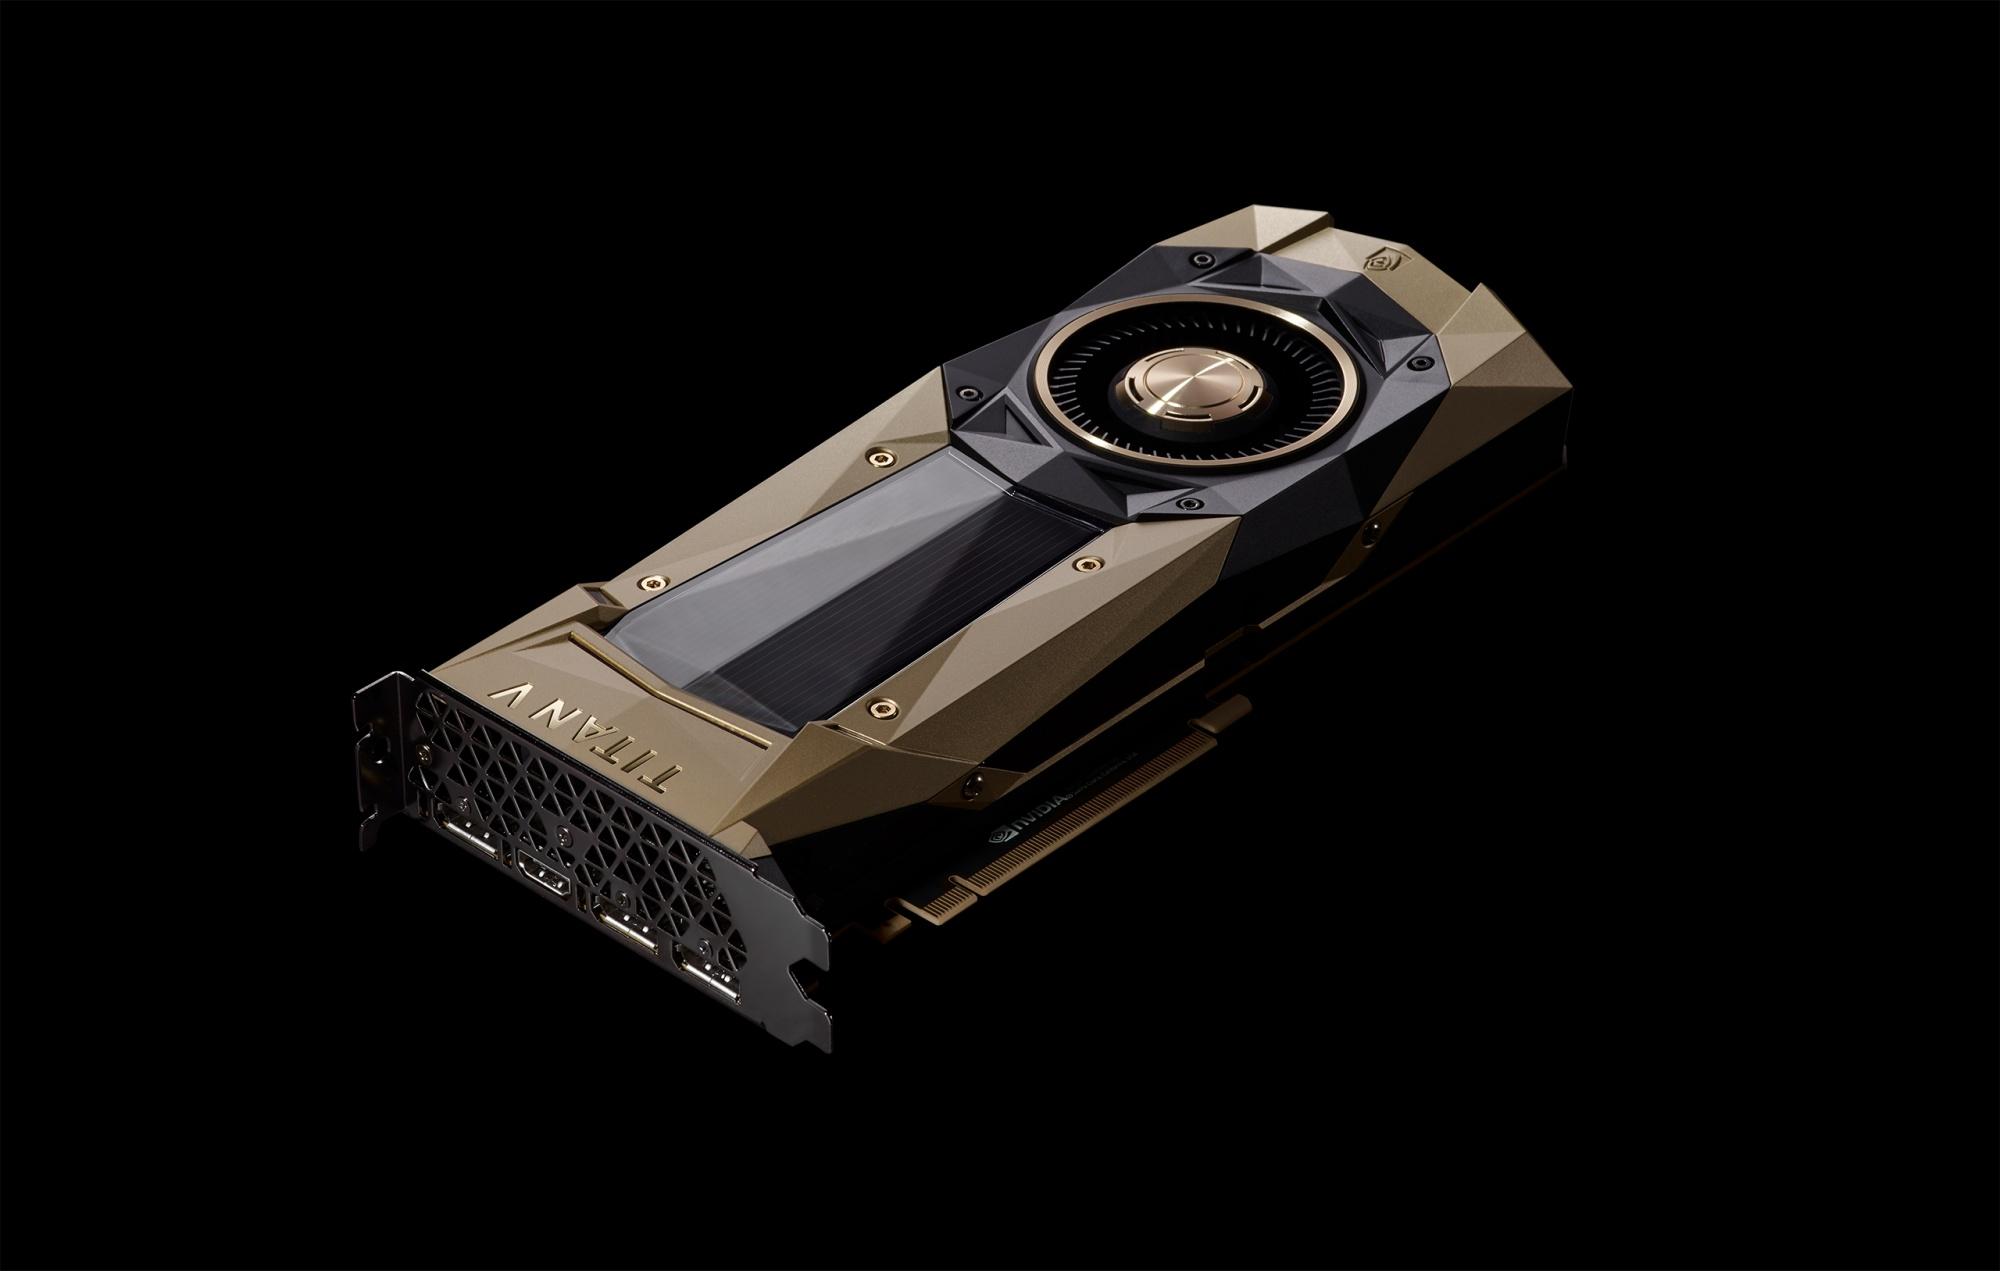 Nvidia попросила ритейлеров торговать гораздо меньше видеокарт майнерам криптовалют